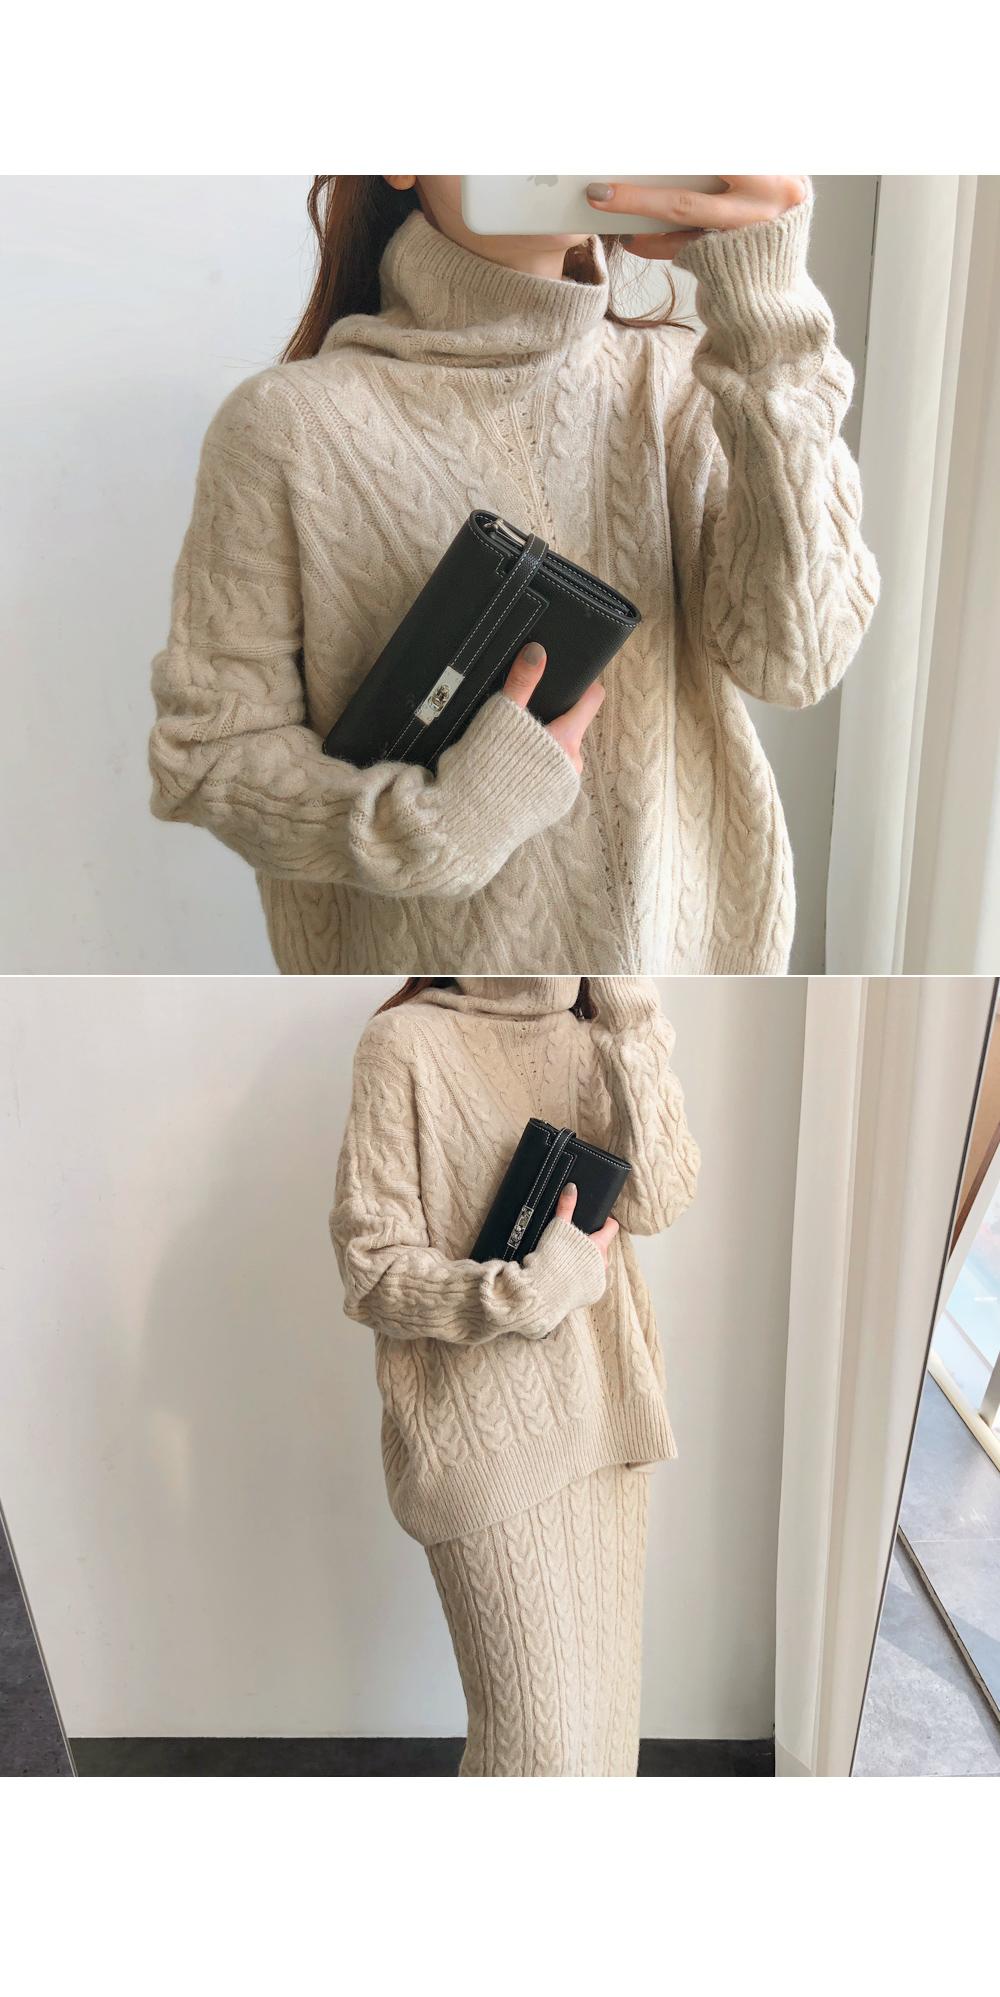 Loichen clutch bag